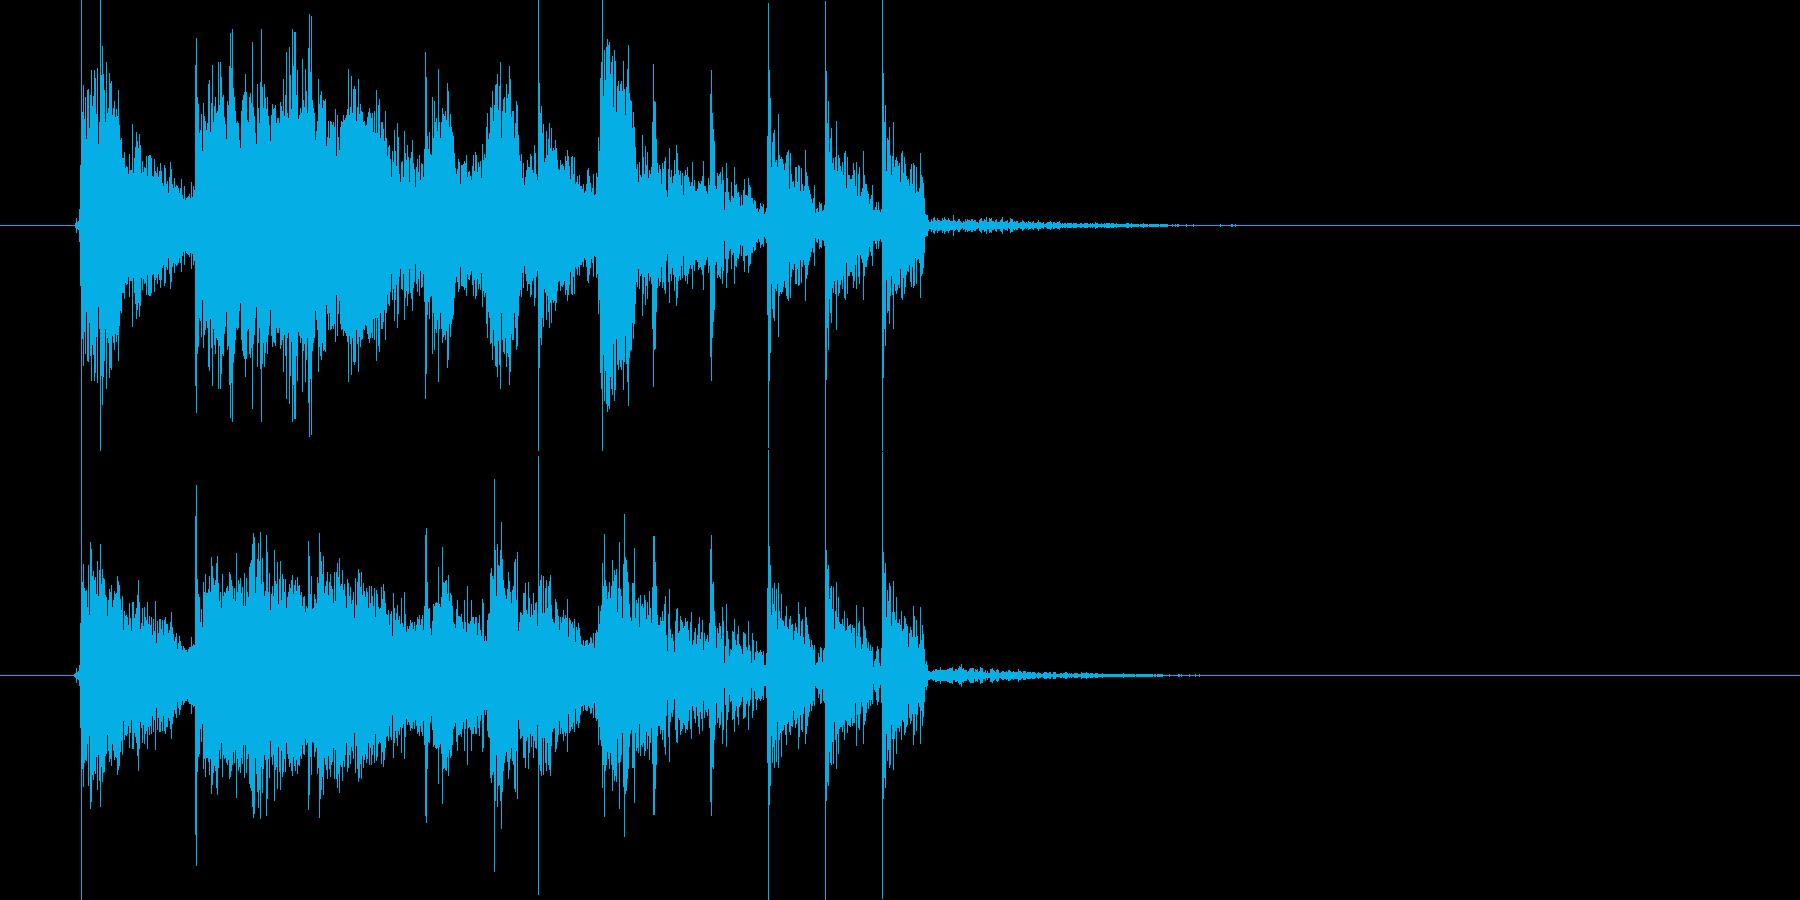 パッパーパパッパッ!電子音楽ジングルの再生済みの波形